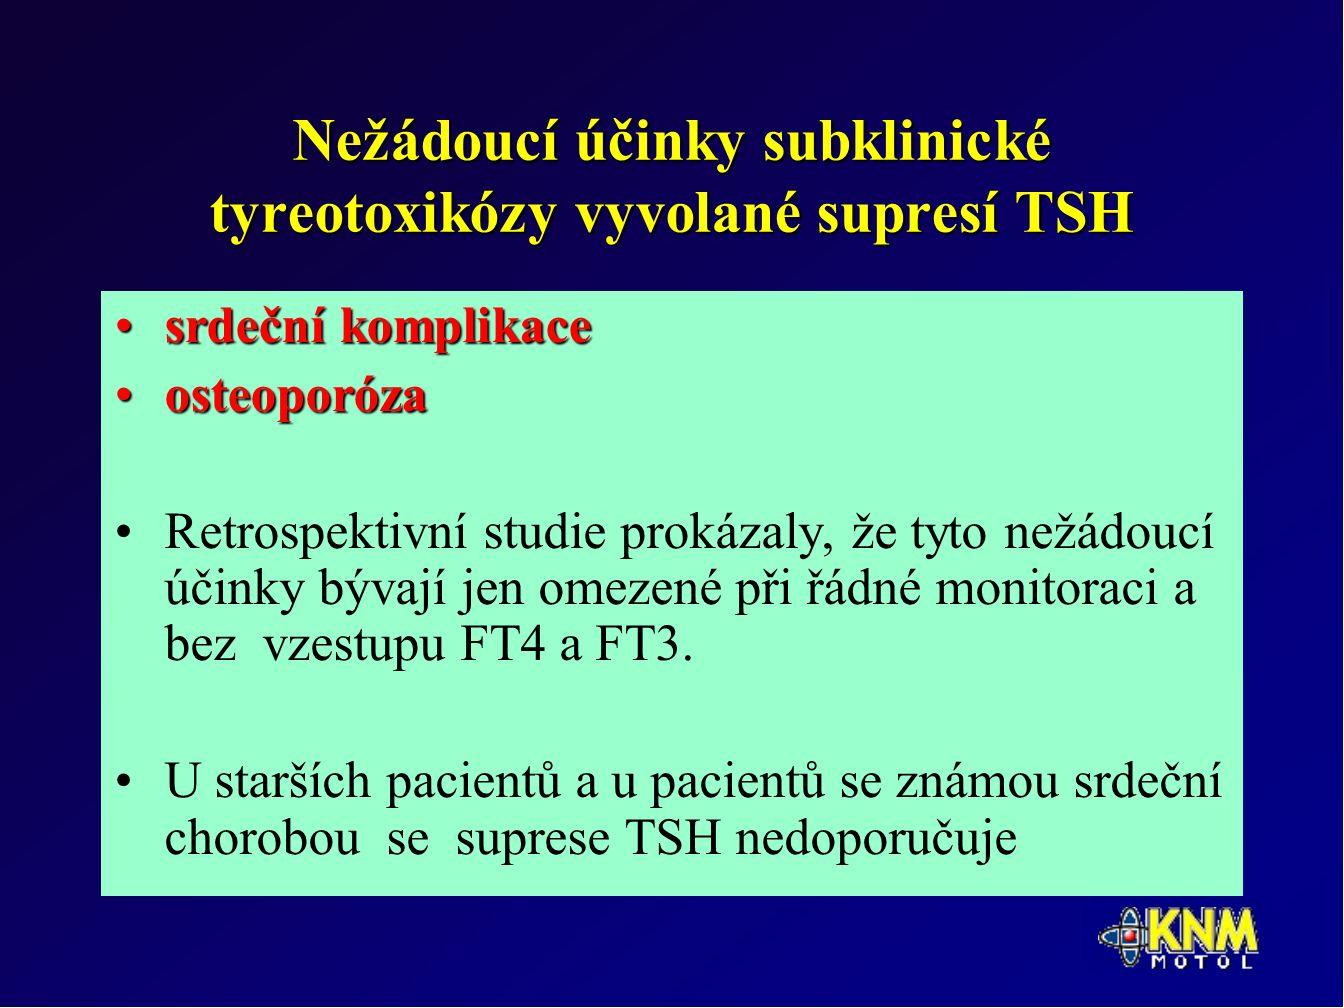 Nežádoucí účinky subklinické tyreotoxikózy vyvolané supresí TSH srdeční komplikacesrdeční komplikace osteoporózaosteoporóza Retrospektivní studie prokázaly, že tyto nežádoucí účinky bývají jen omezené při řádné monitoraci a bez vzestupu FT4 a FT3.